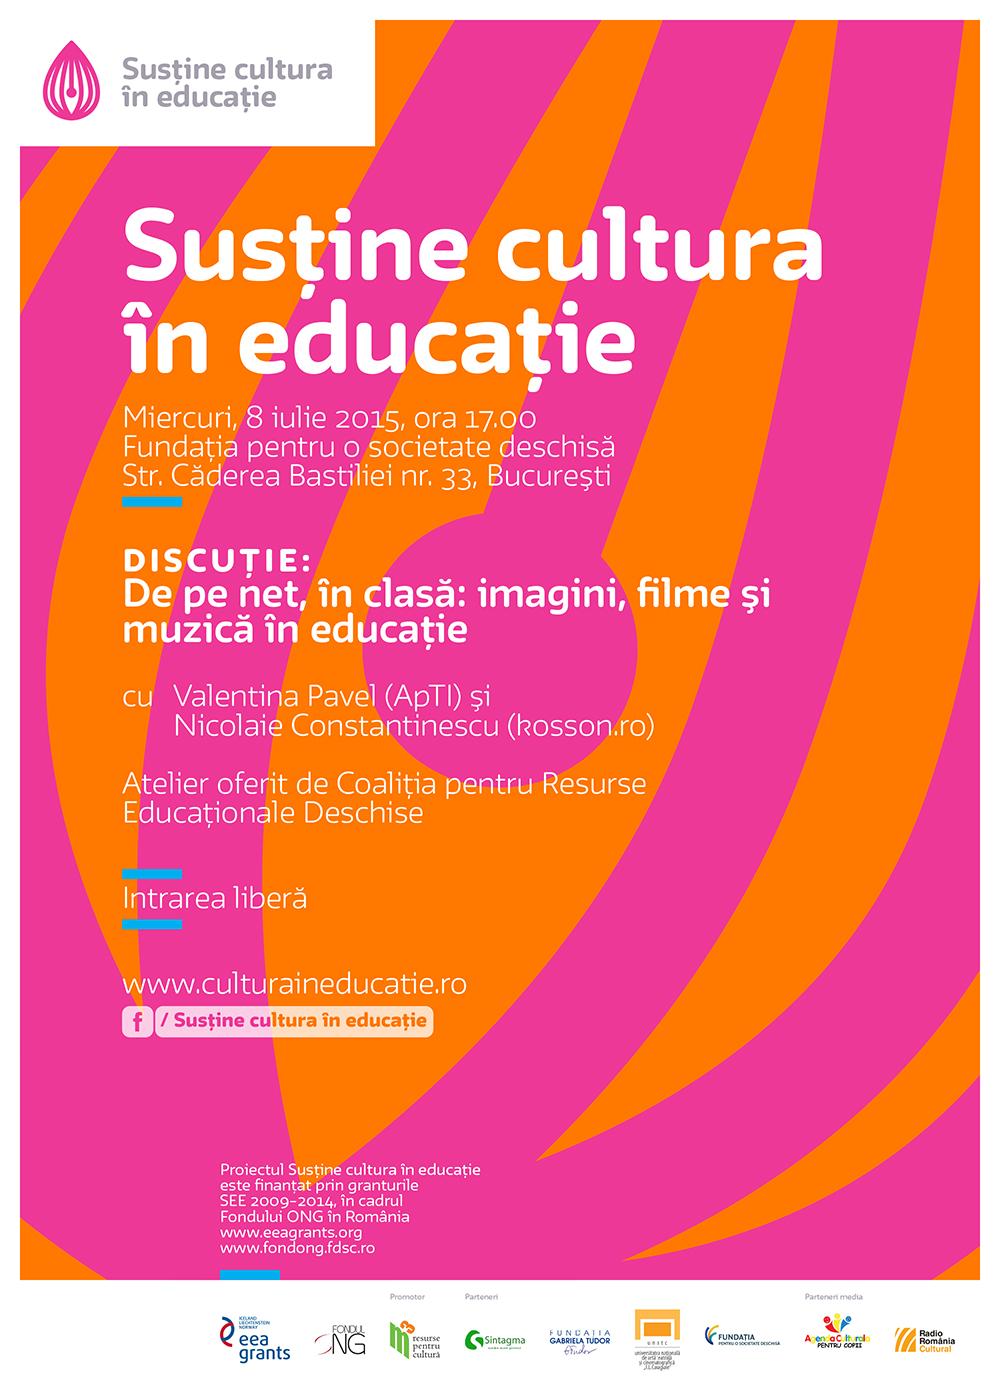 Întâlnire Cultura în educație:  De pe net, în clasă: imagini, filme și muzică în educație